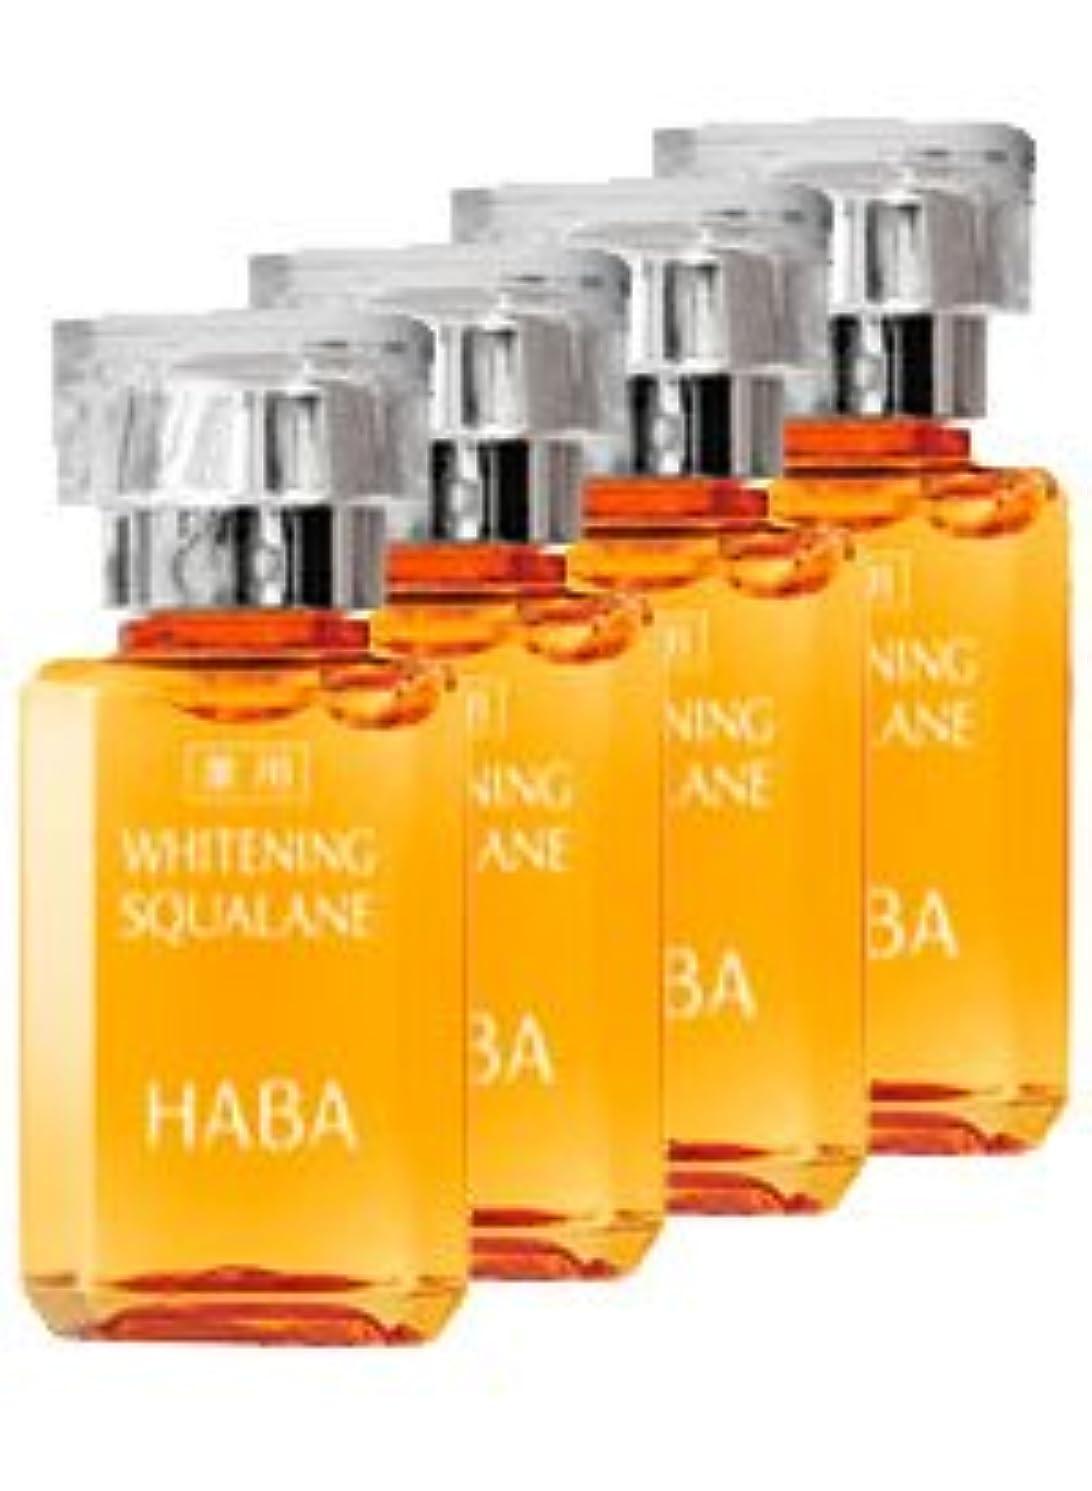 液化するこしょうするだろうHABA (ハーバー) 薬用ホワイトニングスクワラン 15ml 4本セット 【医薬部外品】